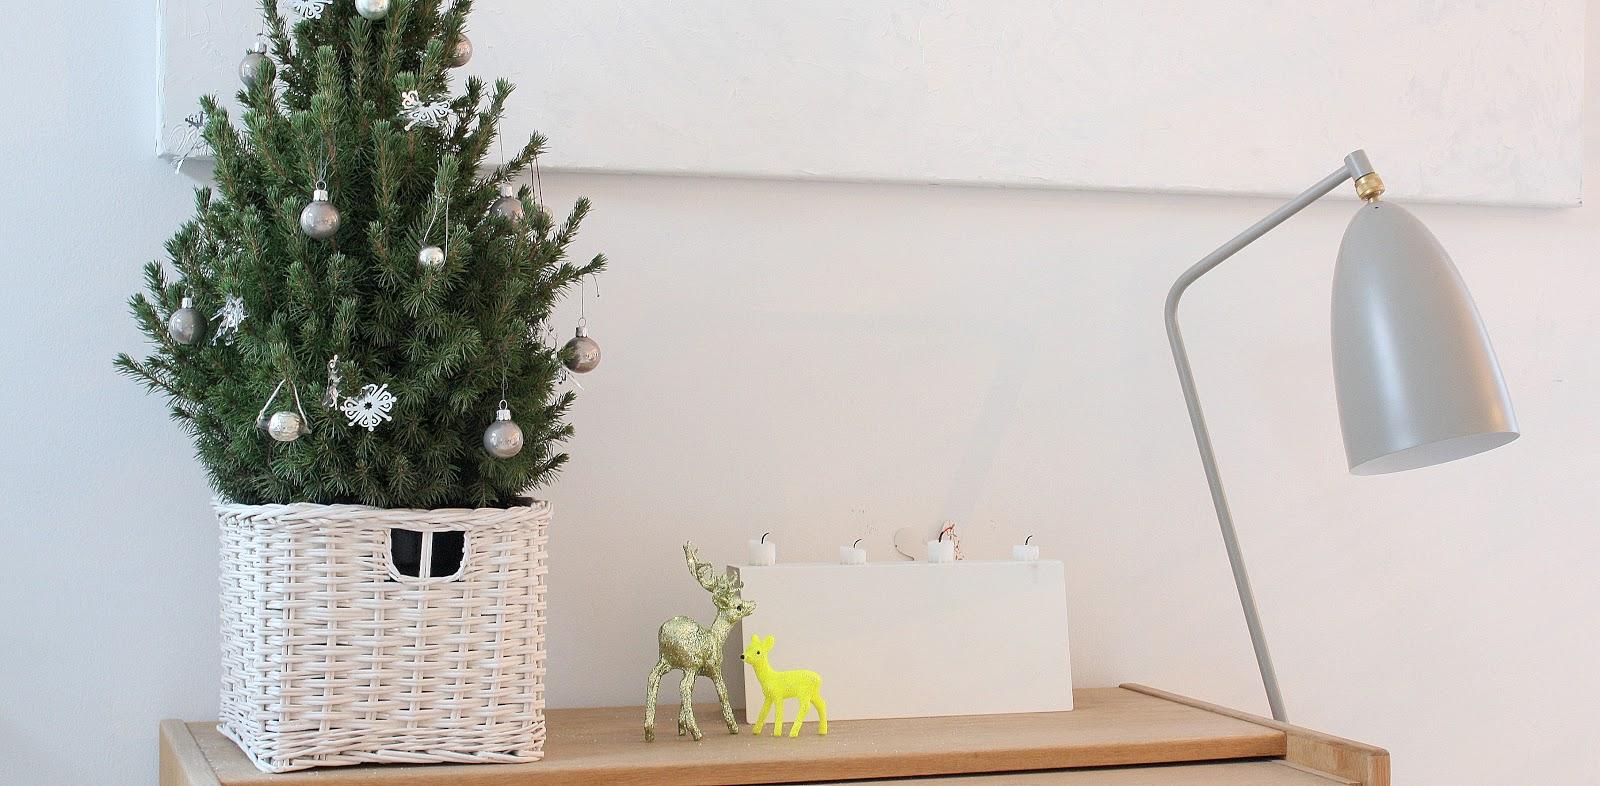 juletræer med pynt til juleaften